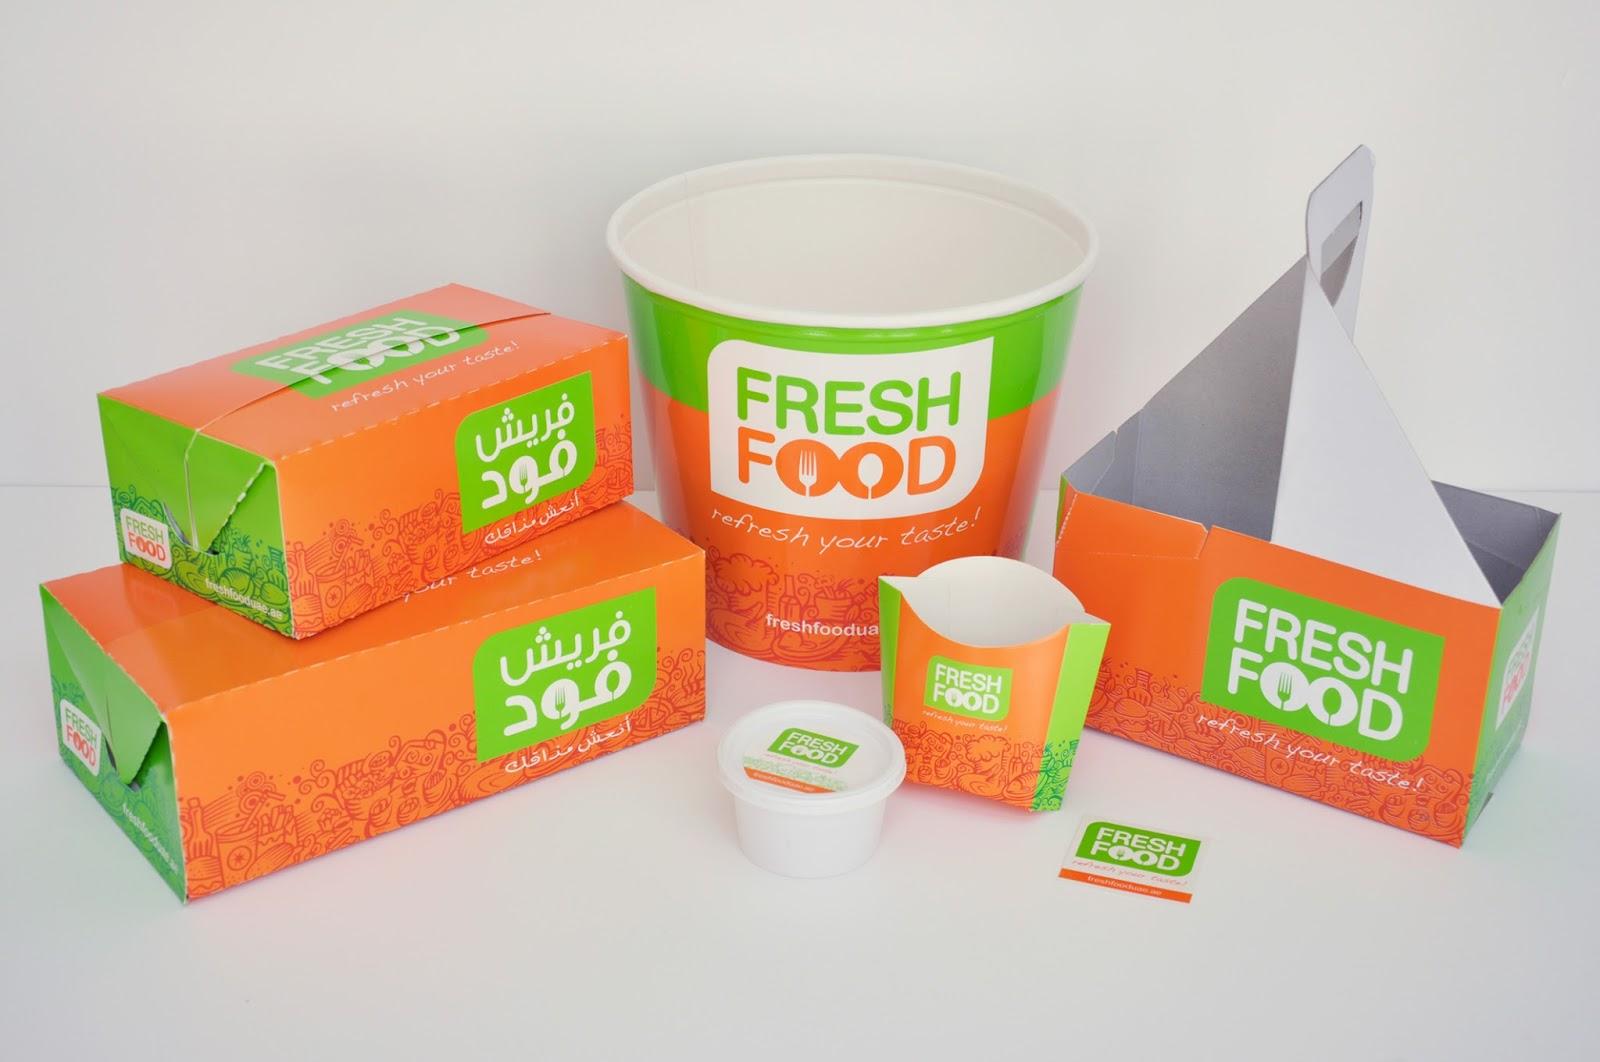 Hộp giấy đựng thức ăn phải đảm bảo an toàn.